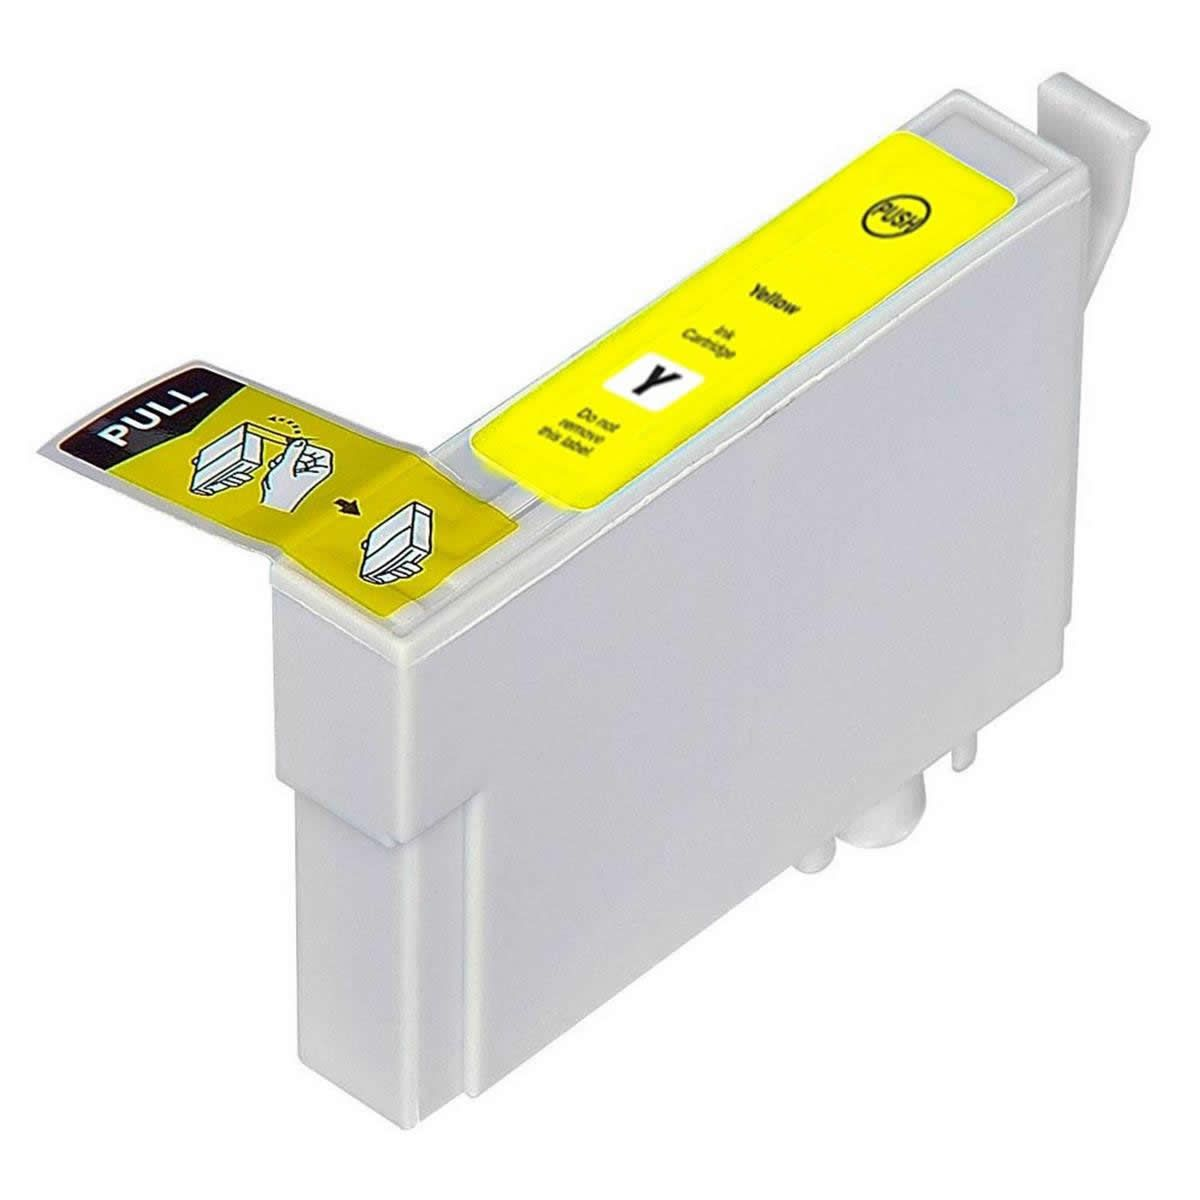 Cartucho de Tinta Compatível Epson 82 (To824) Amarelo 12ml